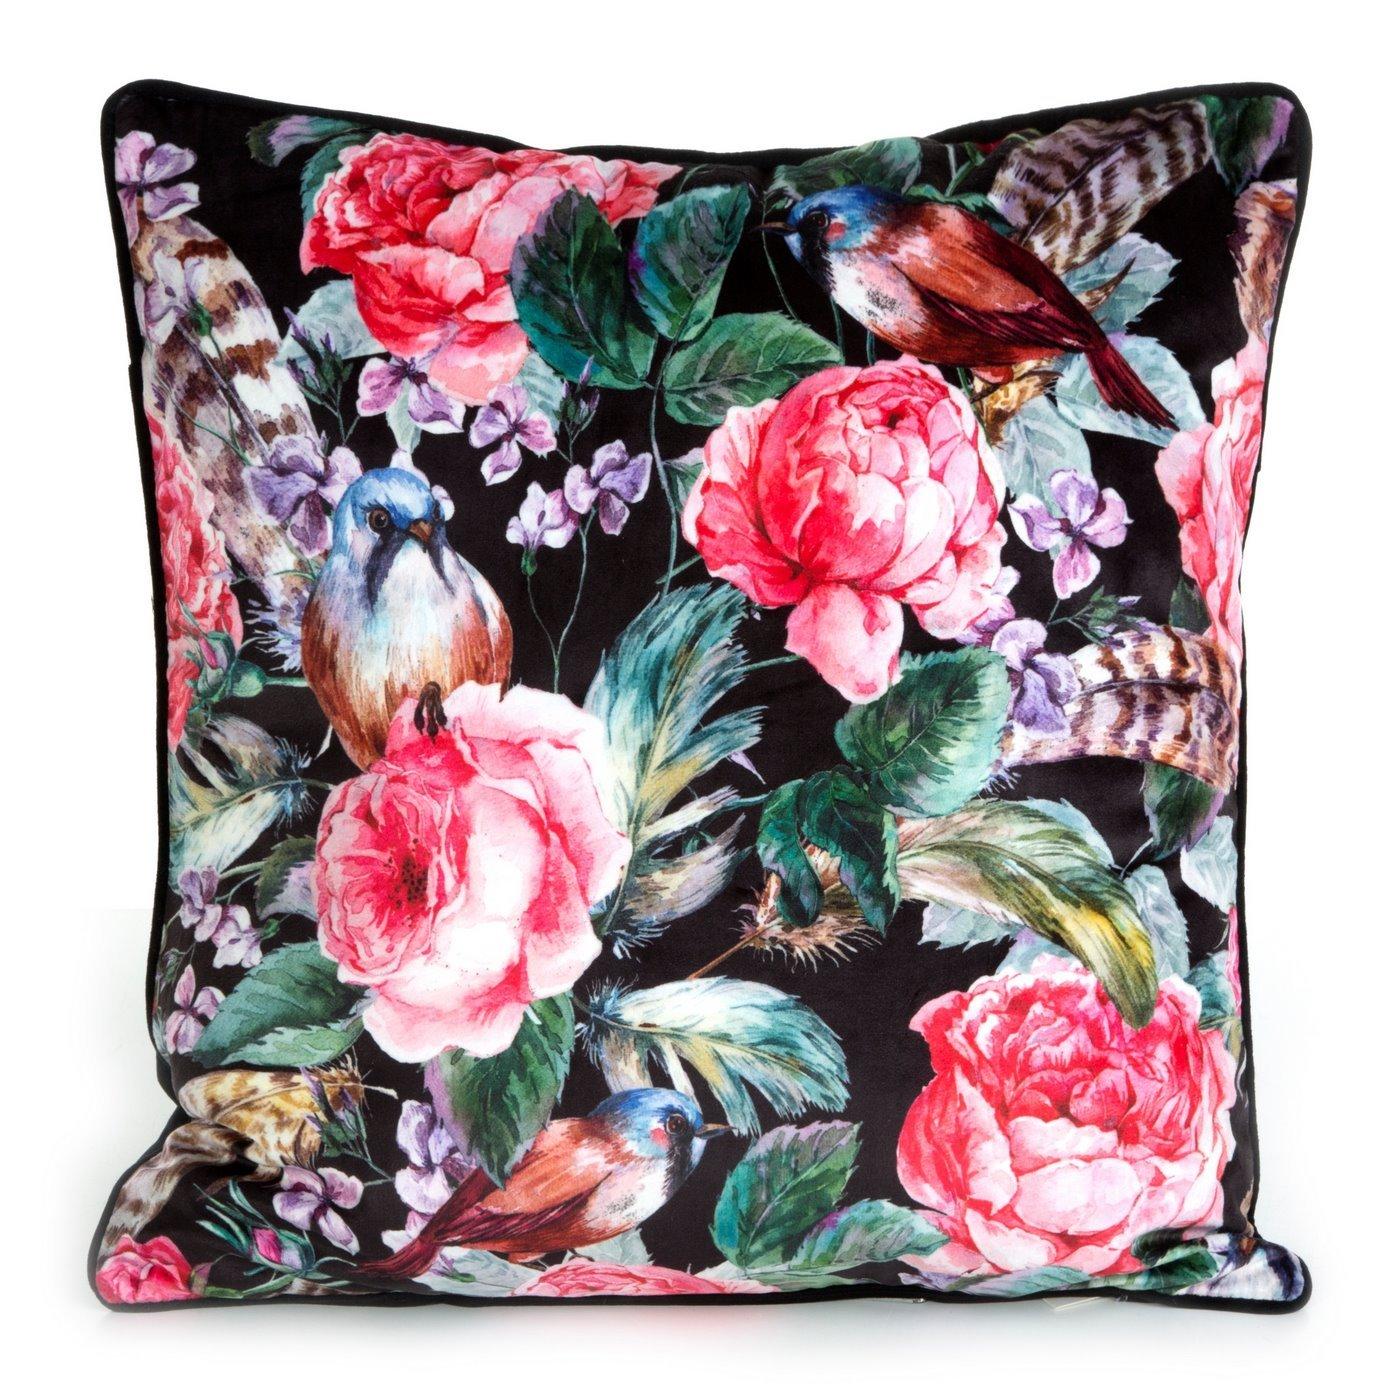 WELWETOWA POSZEWKA w kwiaty RÓŻE czarna różowa 45x45 cm